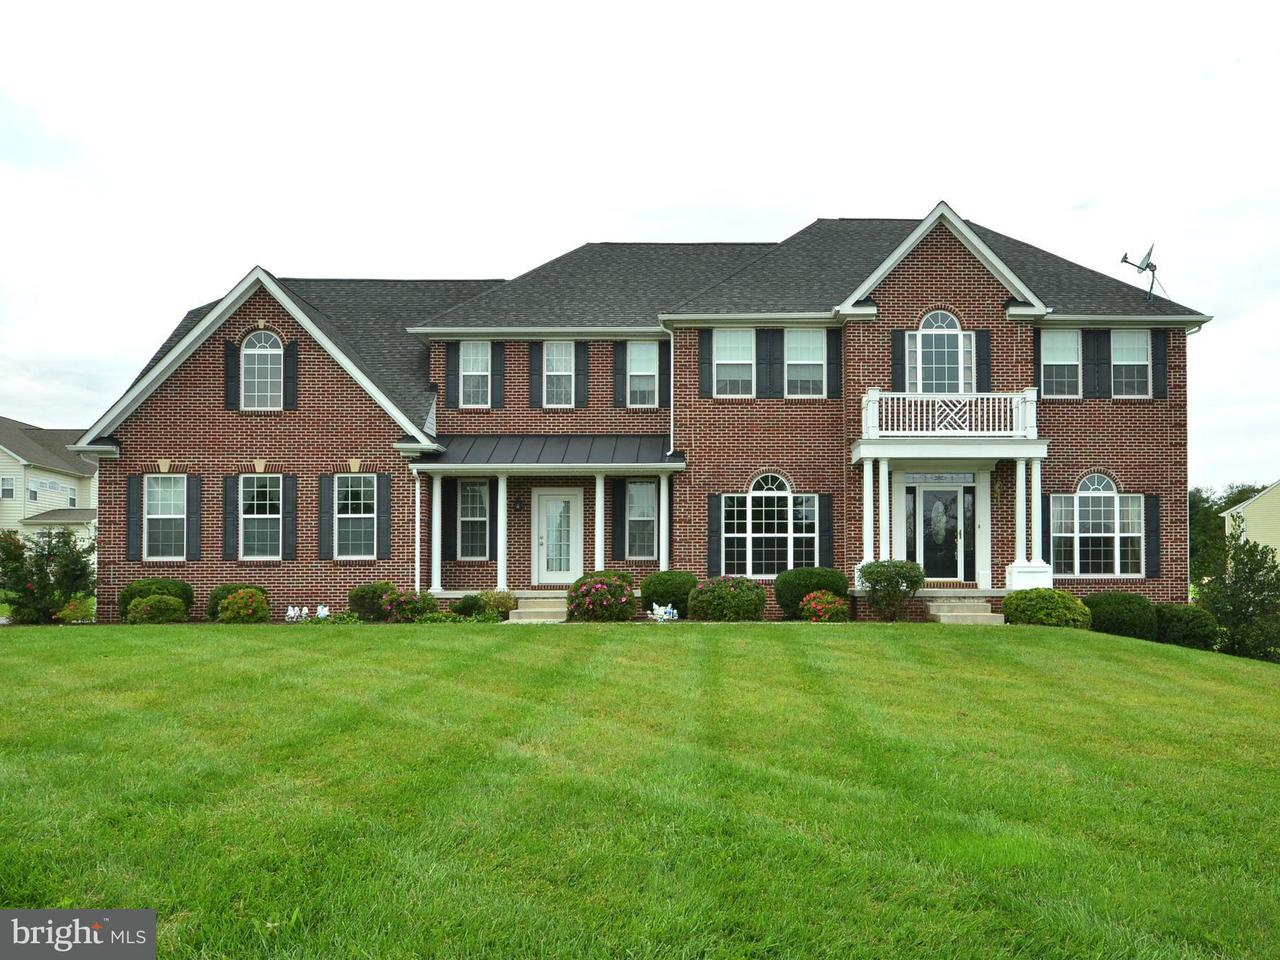 Maison unifamiliale pour l Vente à 1506 PINE AYR Circle 1506 PINE AYR Circle Freeland, Maryland 21053 États-Unis